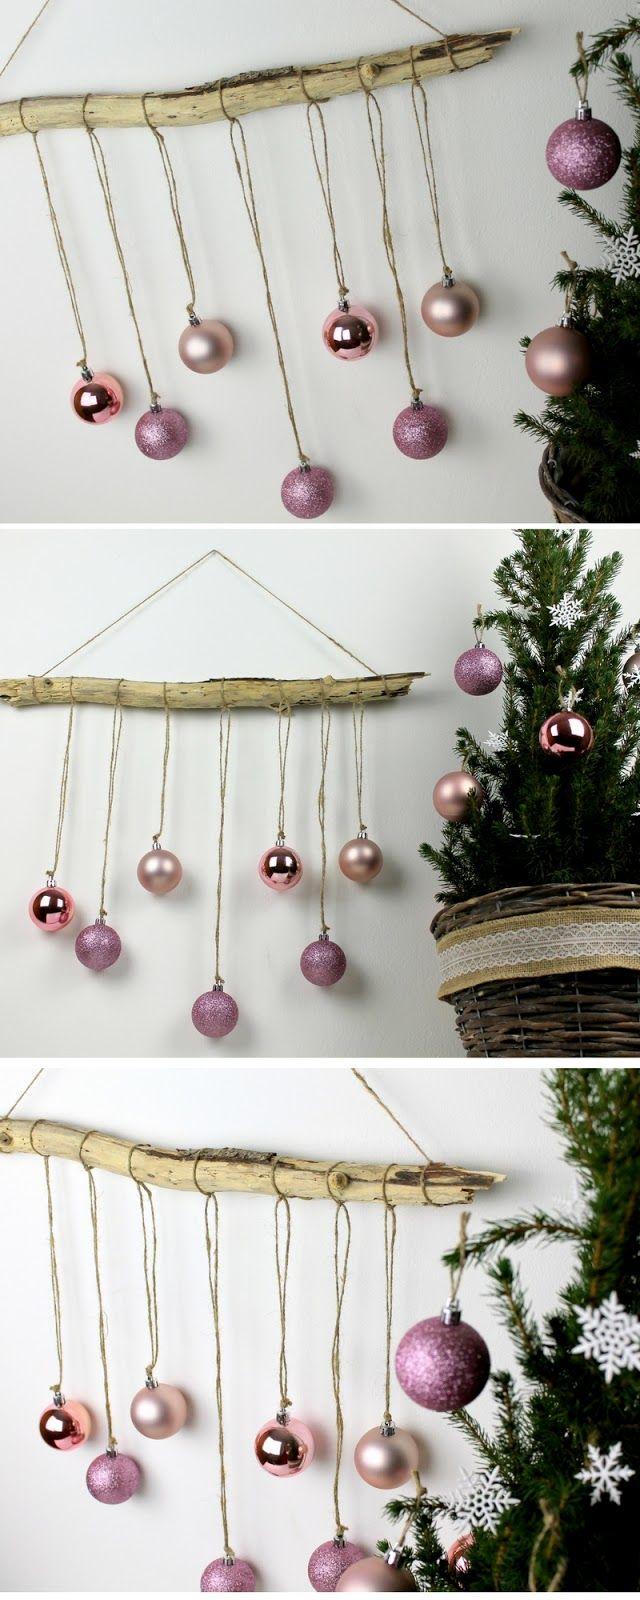 Ausgefallene Wanddeko Schön ☆ Diy Ausgefallene Weihnachtliche Wanddekoration Aus